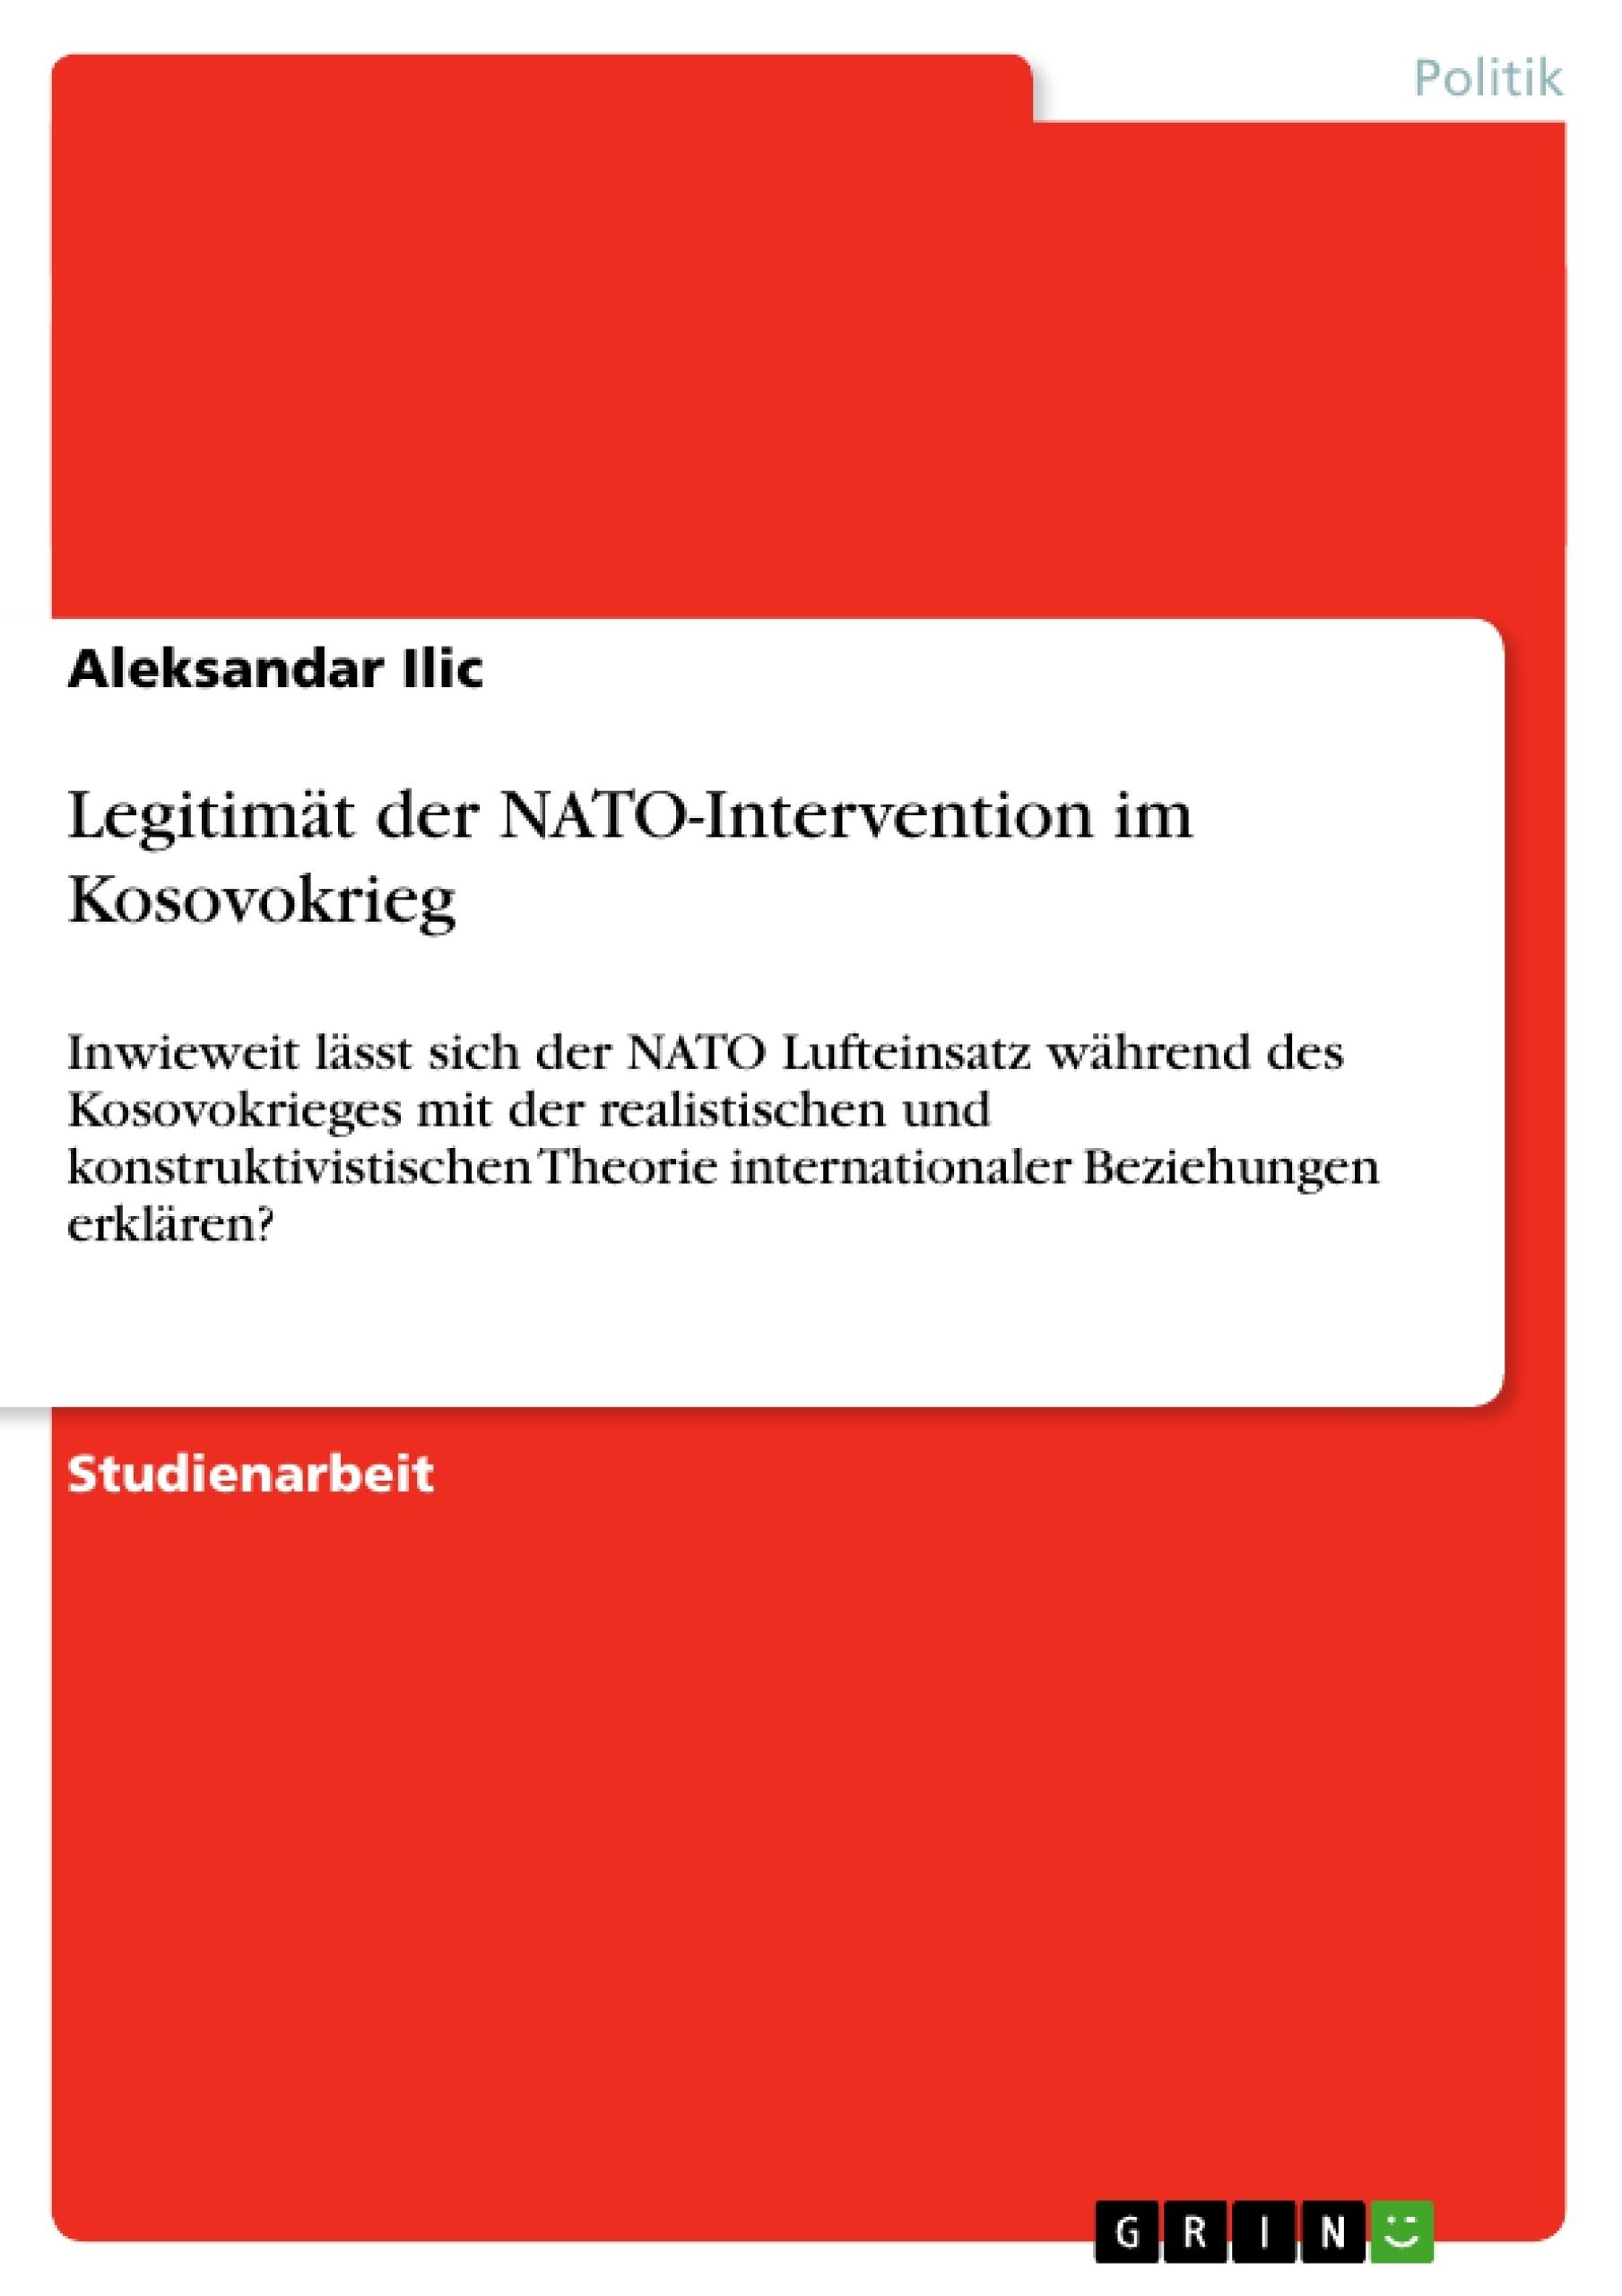 Titel: Legitimät der NATO-Intervention im Kosovokrieg